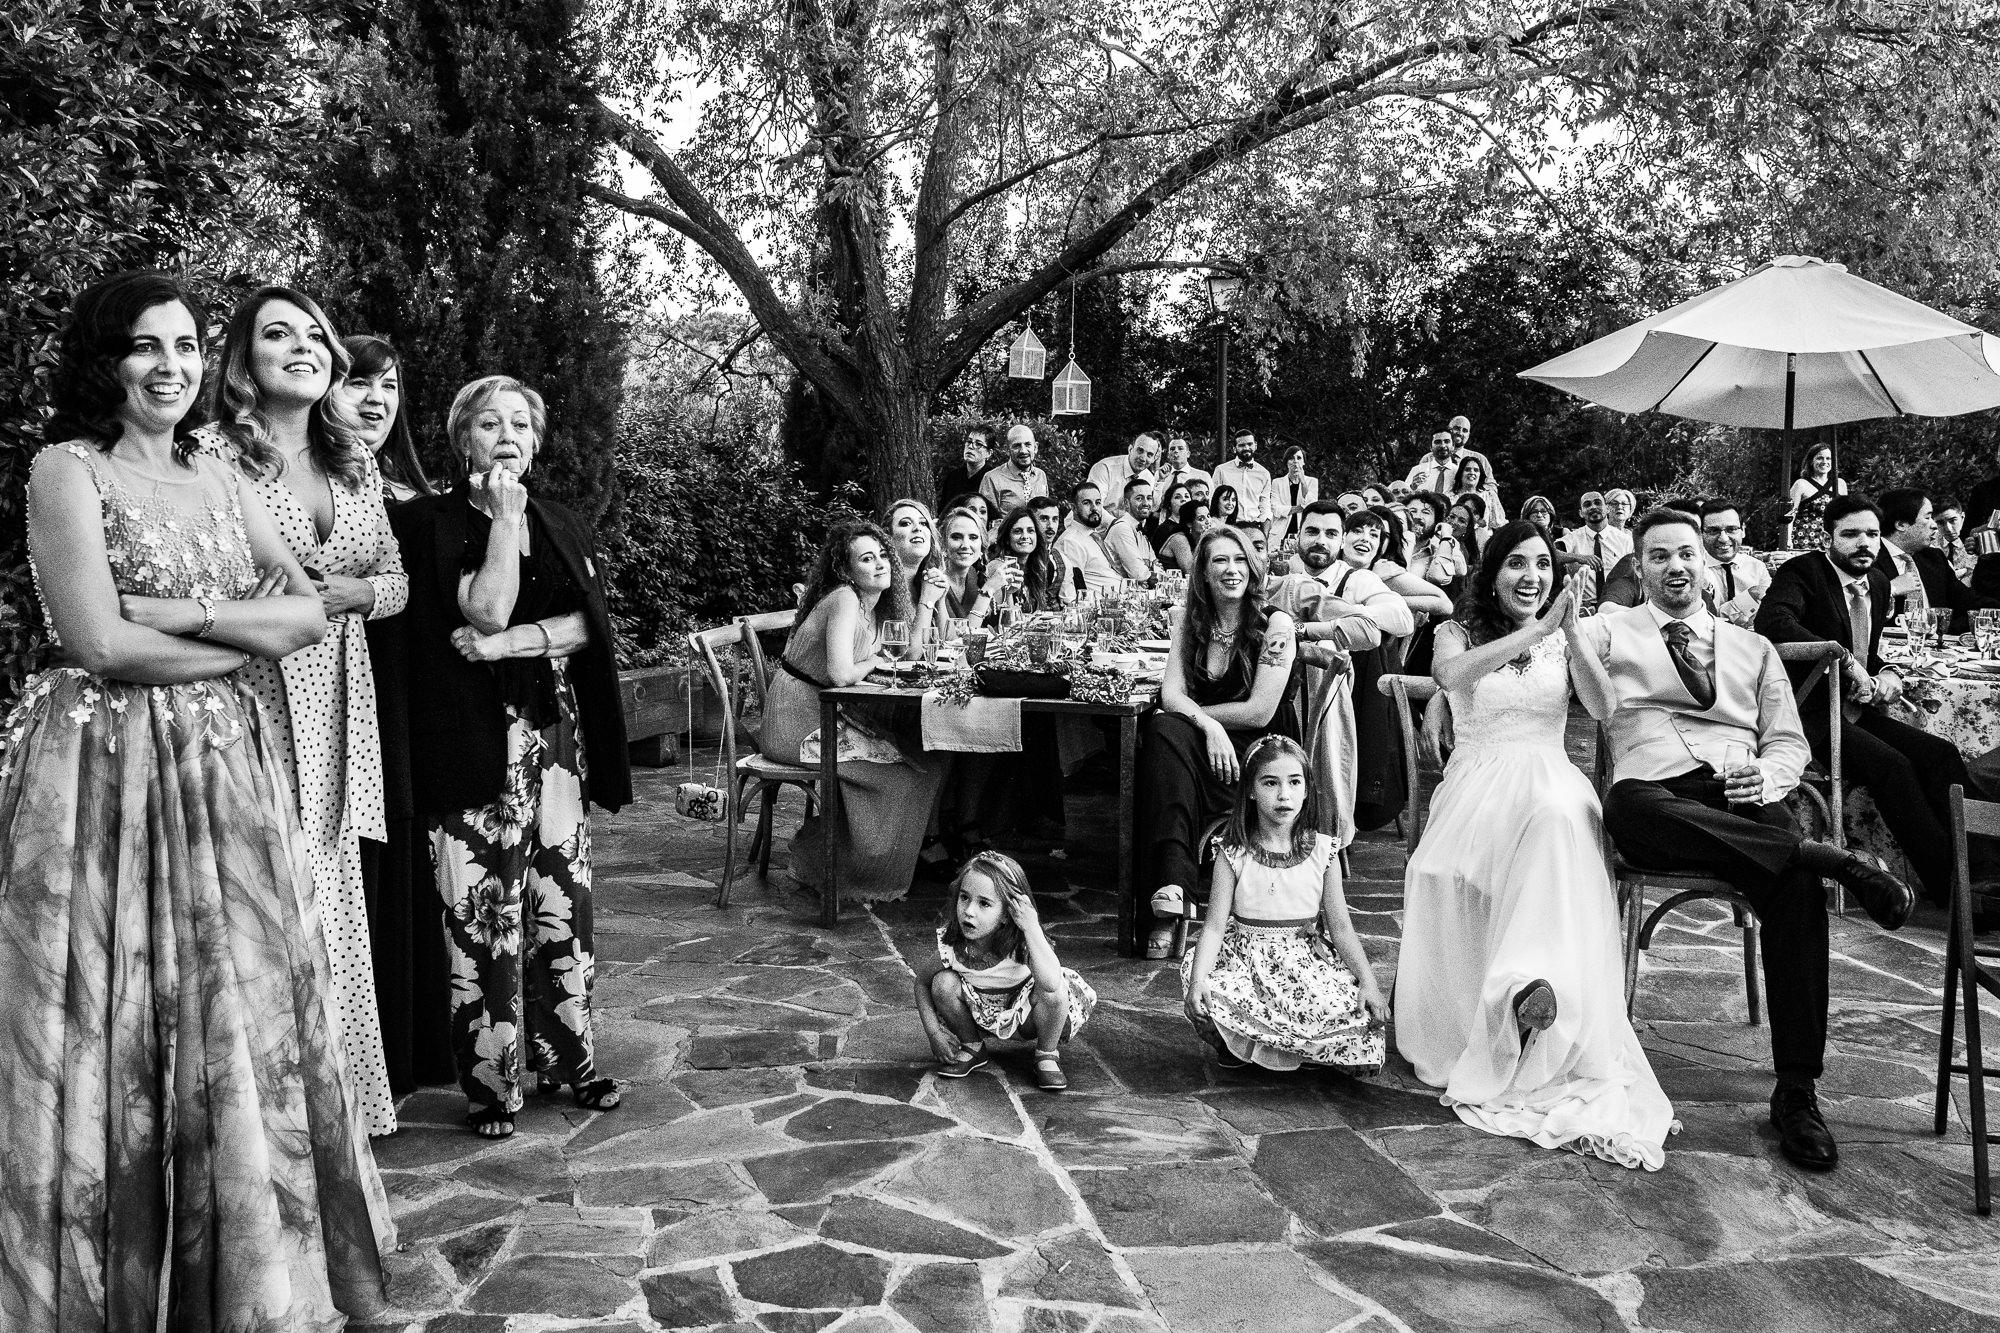 cena de artigot catering durante la boda en encinasola